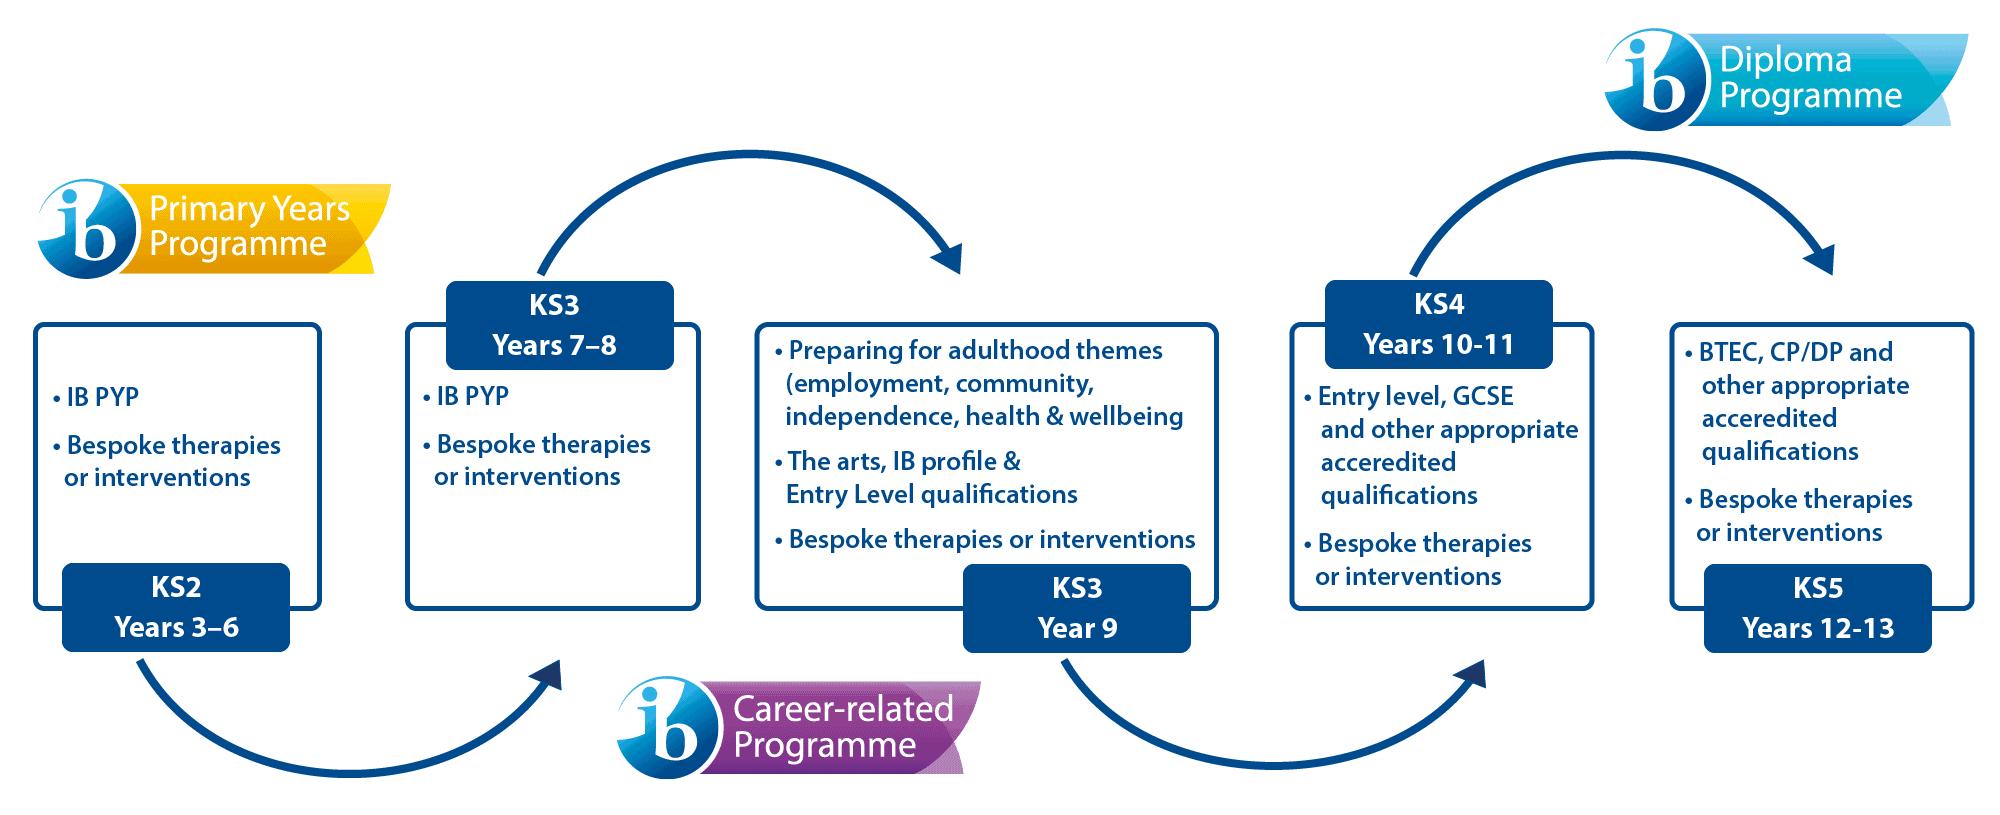 The IB curriculum model diagram